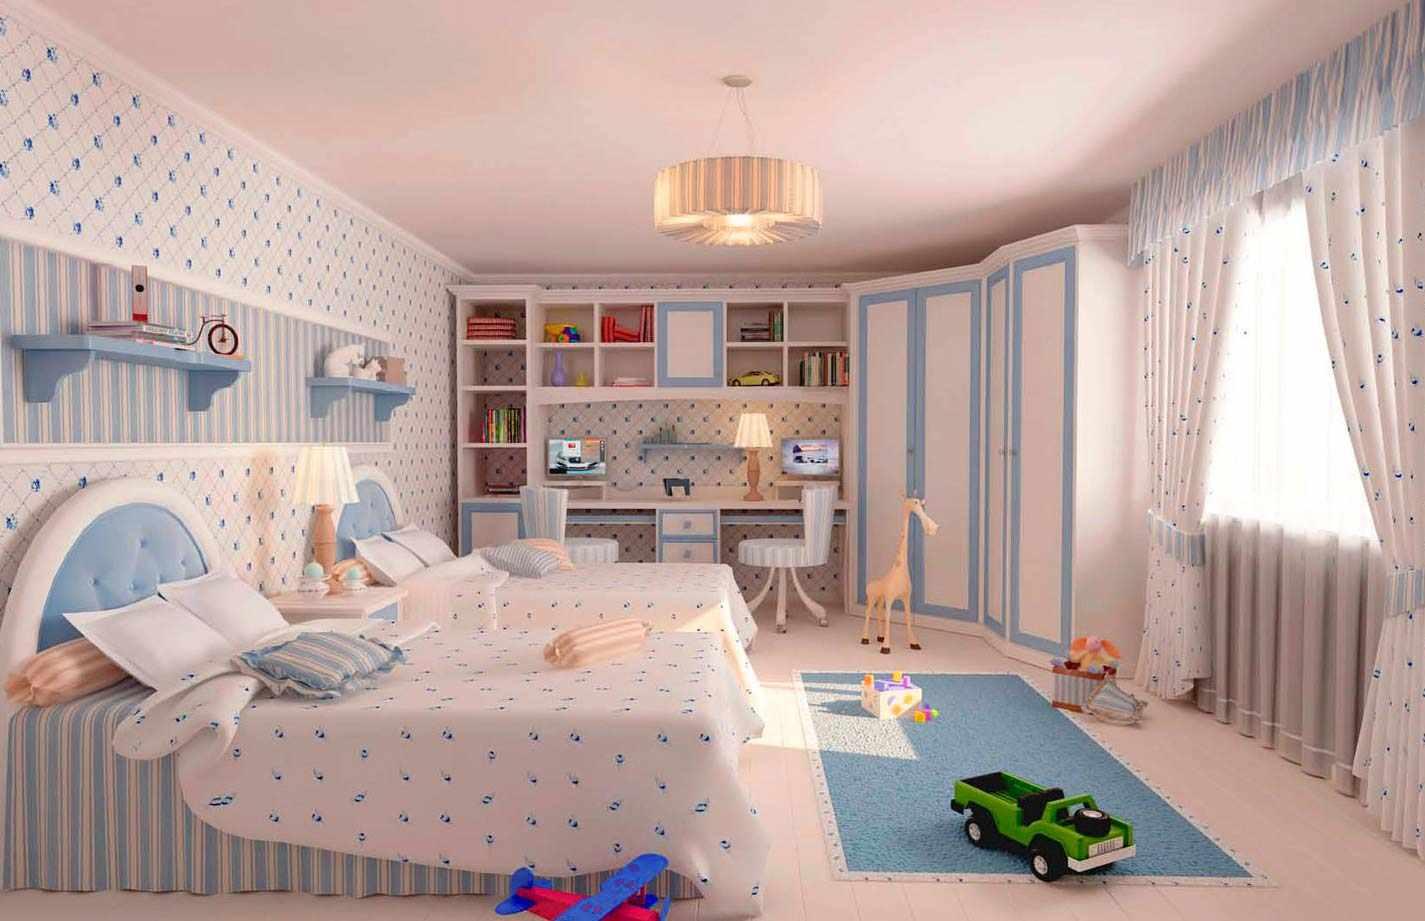 идея яркого дизайна спальной комнаты для девочки